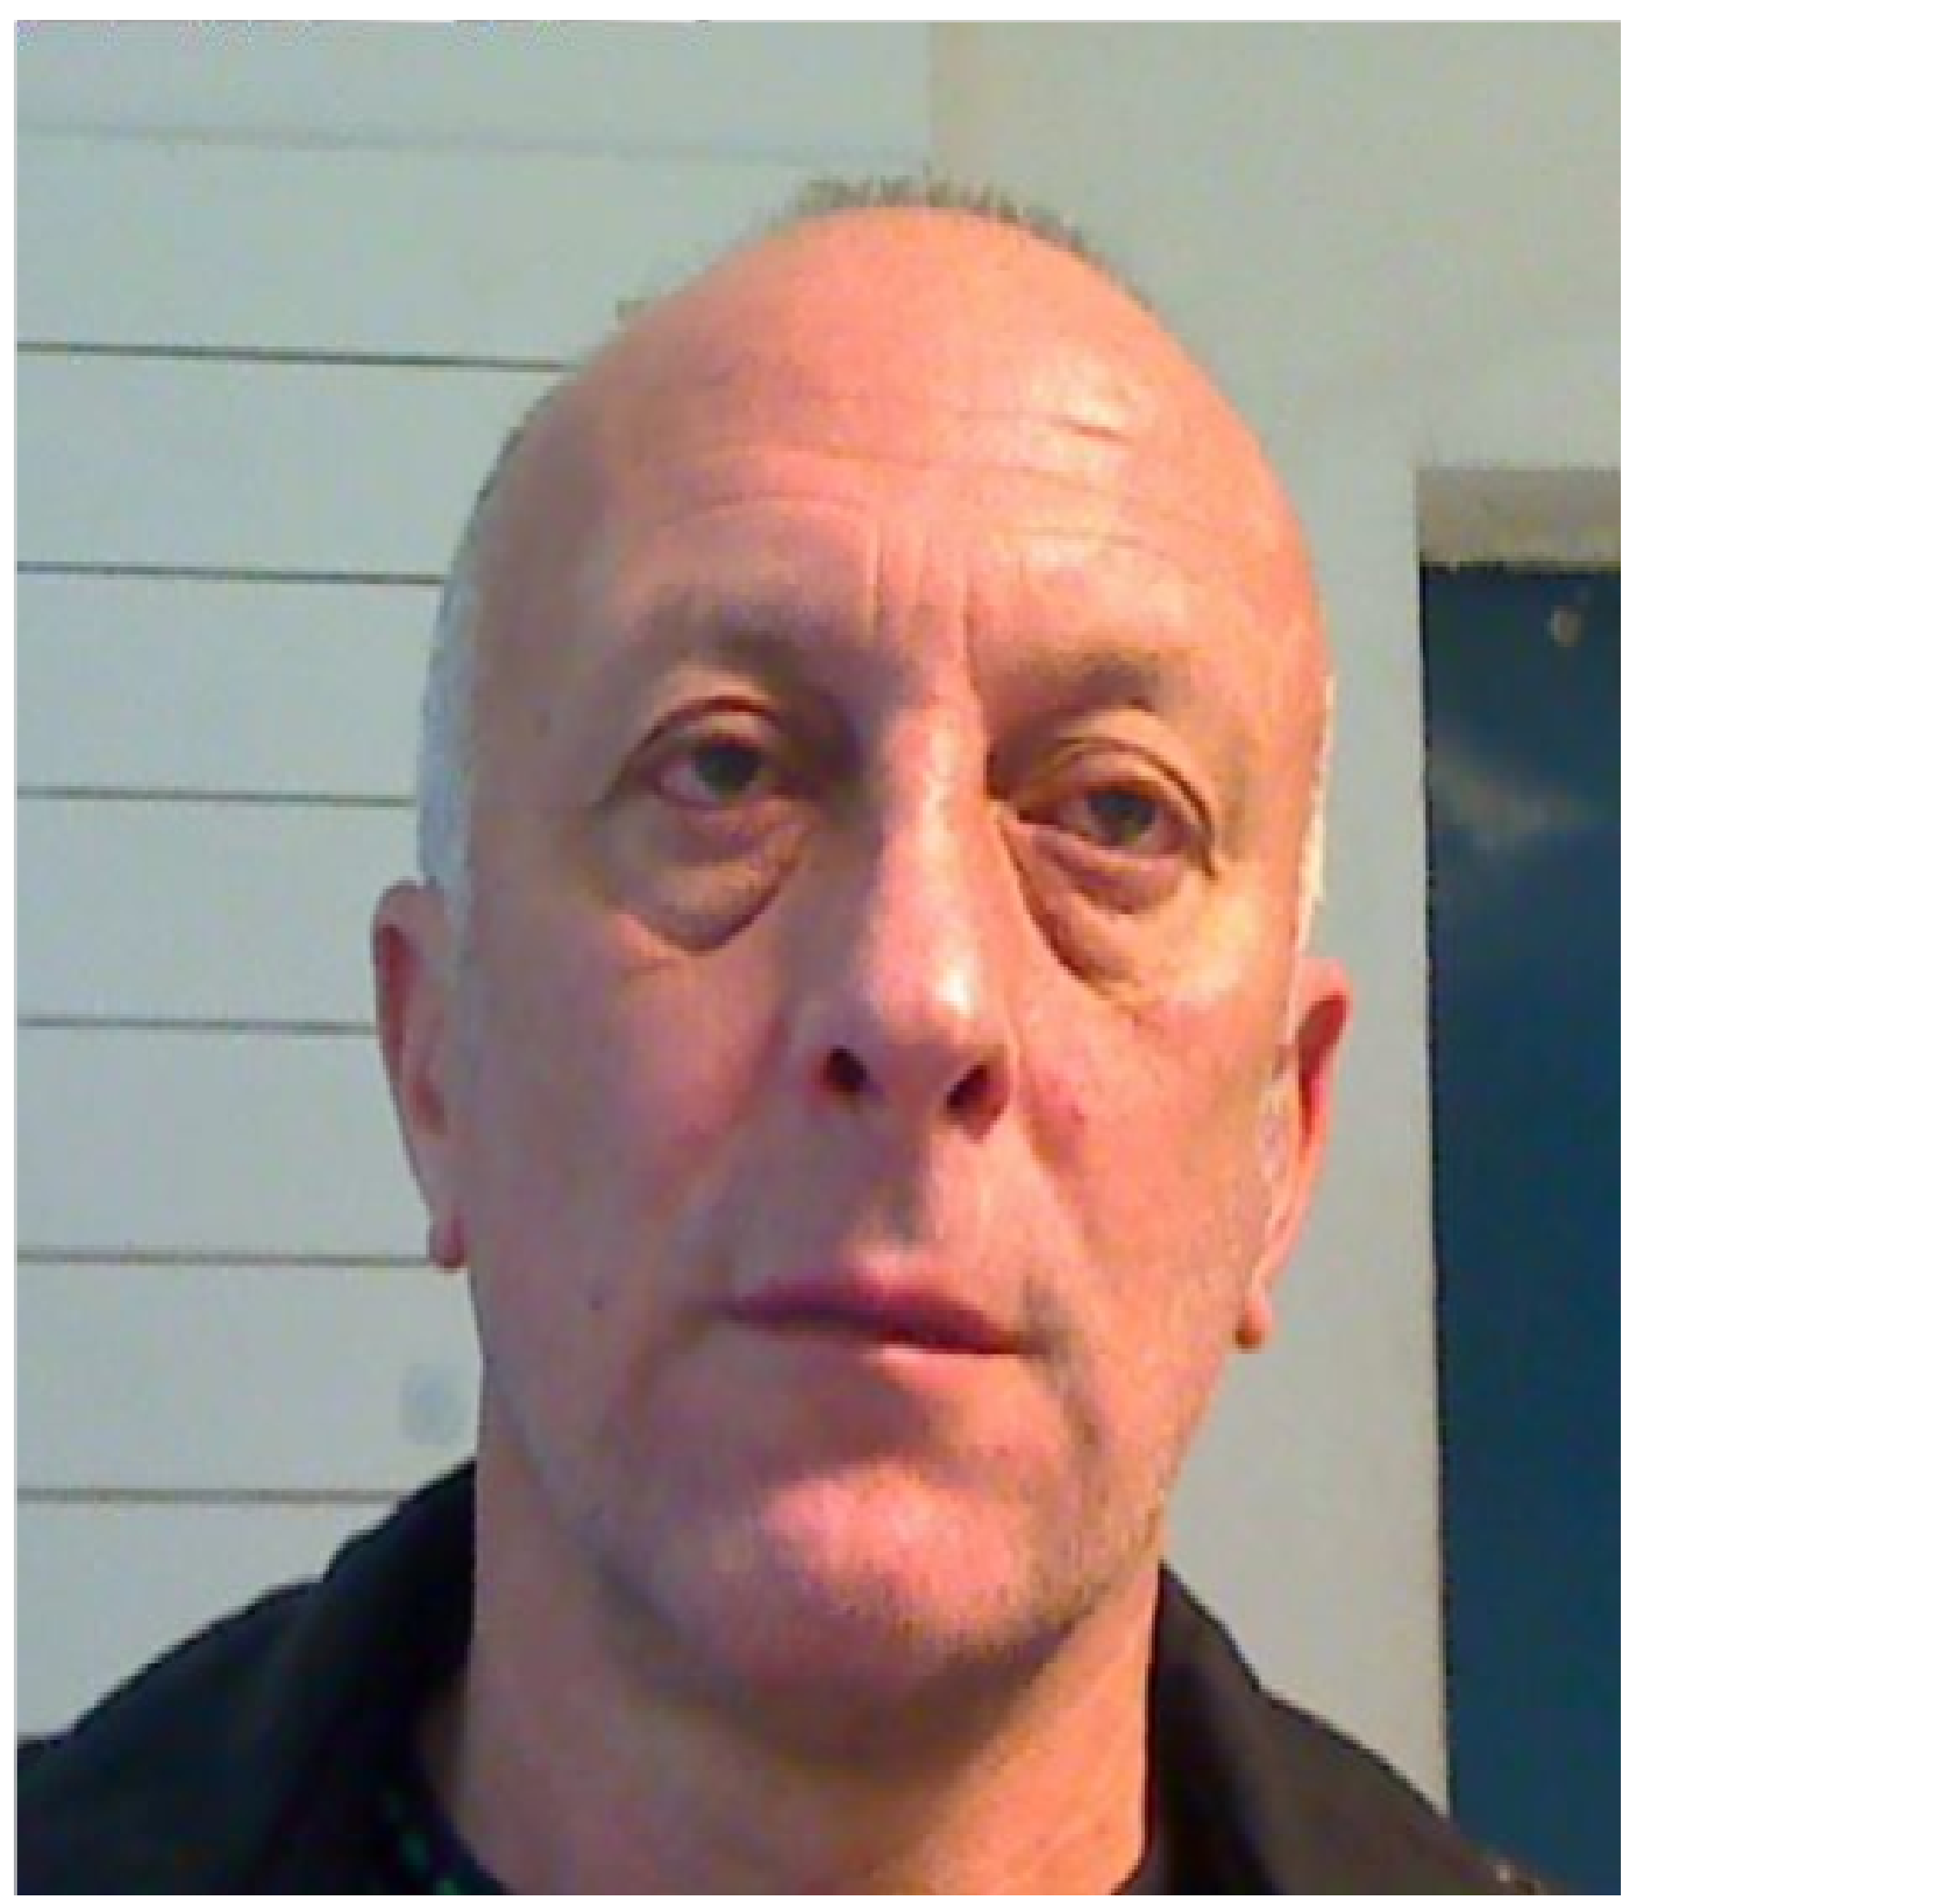 Pregiudicato napoletano arrestato per tentata truffa a Pescara